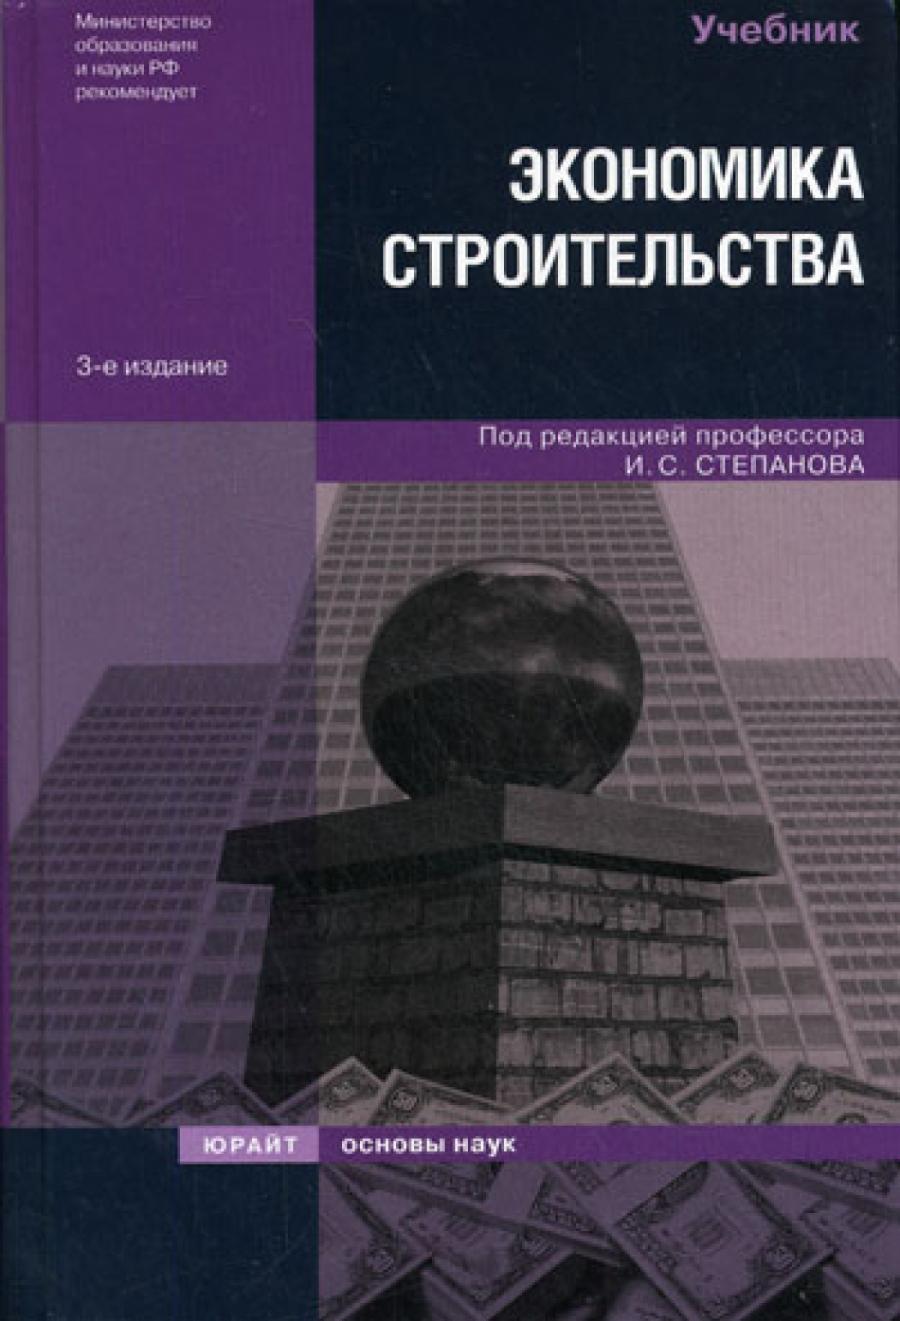 Обложка книги:  степанов иван степанович - экономика строительства